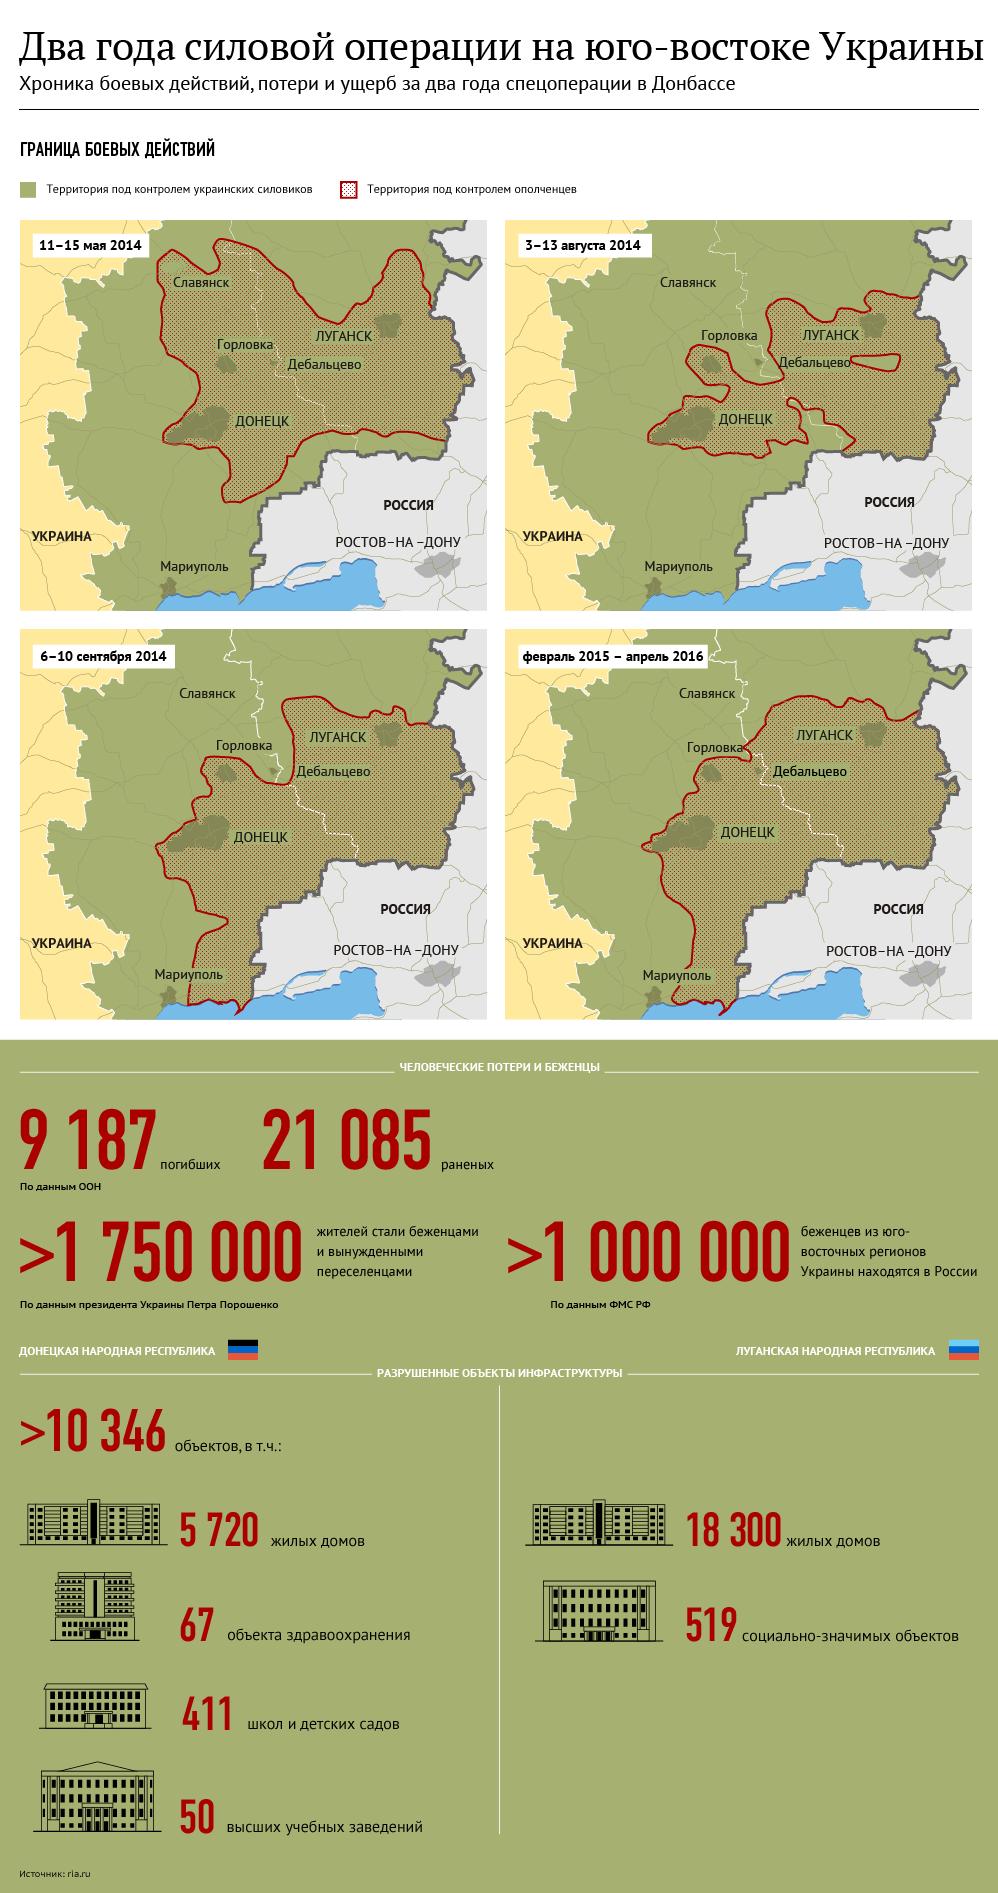 Два года силовой операции на юго-востоке Украины